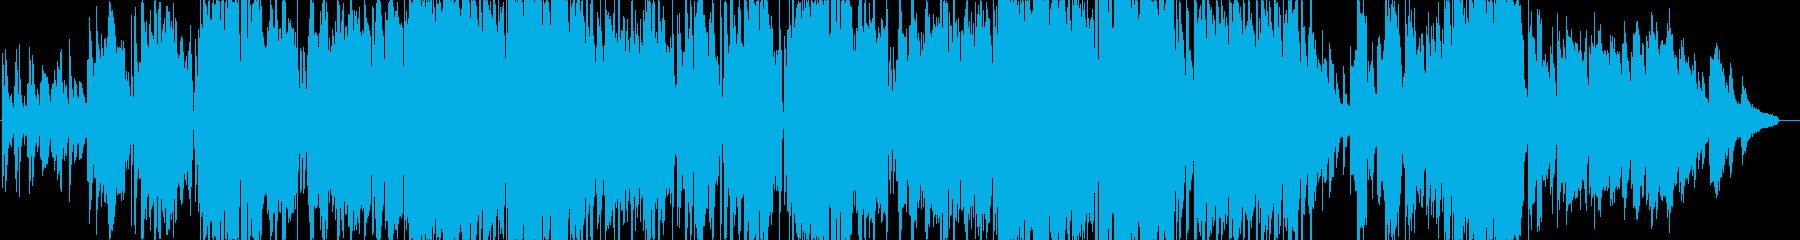 ピアノの旋律が印象的なミドルバラードの再生済みの波形